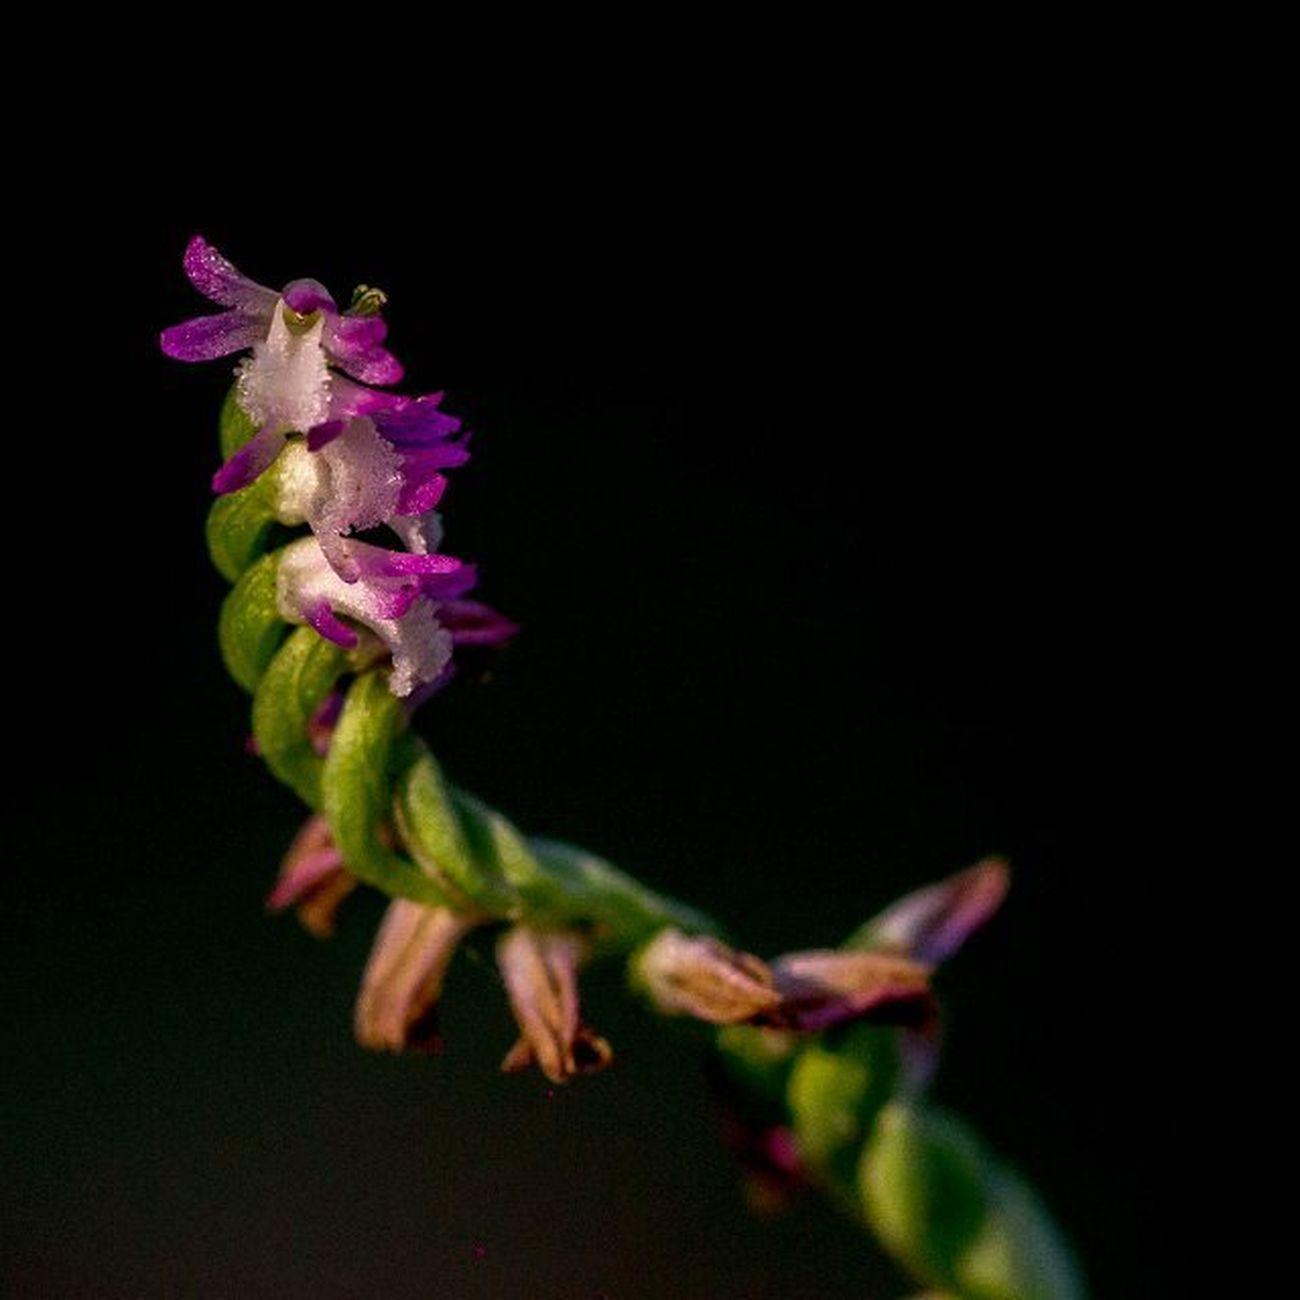 🎼蘭花 我從山中來 帶著蘭花草 種在小園中 希望花開早 一日看三回 看得花時過 蘭草卻依然 苞也無一個… 呦呵呵呵~🎶🎵😙 很熟悉的一首歌曲 蘭花草稱綬草又叫清明草 原來這就是它😁 雨後上山漫步放空時巧遇😄 EXIF 相機:Canon 型號:EOS 60D 鏡頭:Canon EF100mm f2.8L Macro IS USM 焦距:100mm 光圈:f/4 快門:1/125s ISO:640 閃光:無 蘭花草 清明草 綬草 和美步道 蘭花 草 生態 微距 微距鏡